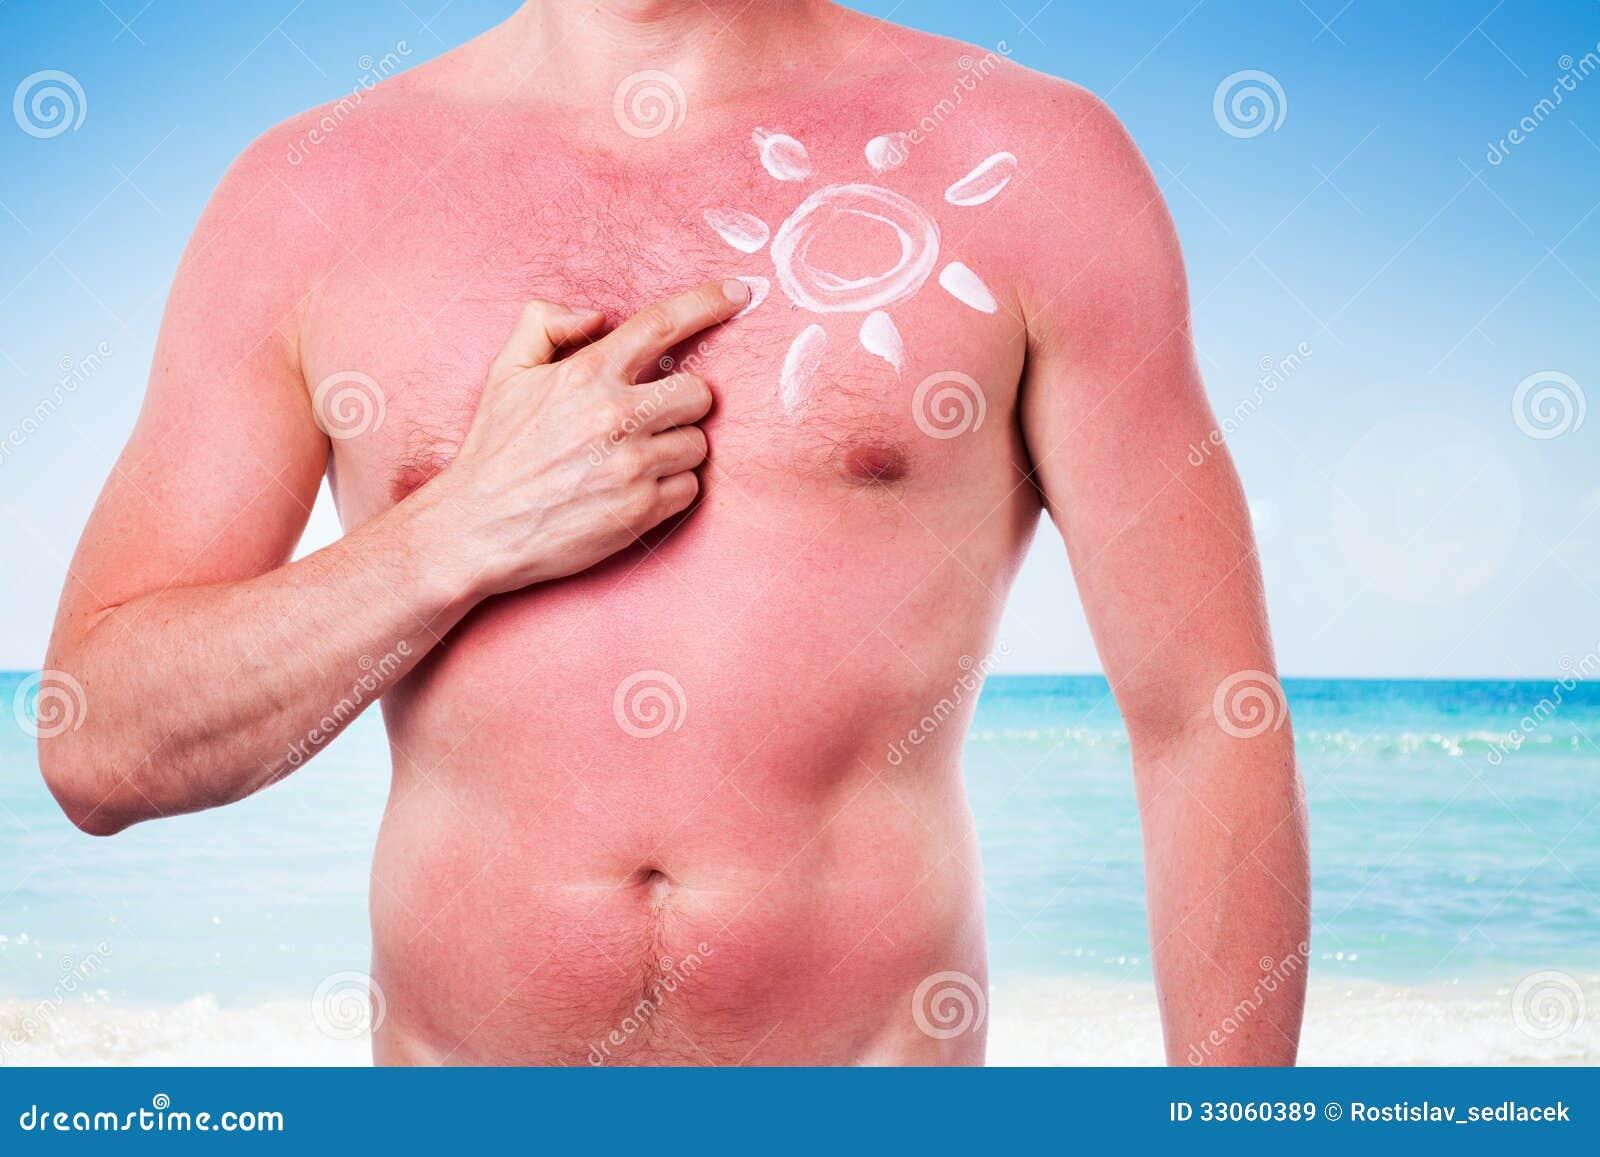 Homme avec un coup de soleil images libres de droits image 33060389 - Transformer un coup de soleil en bronzage ...